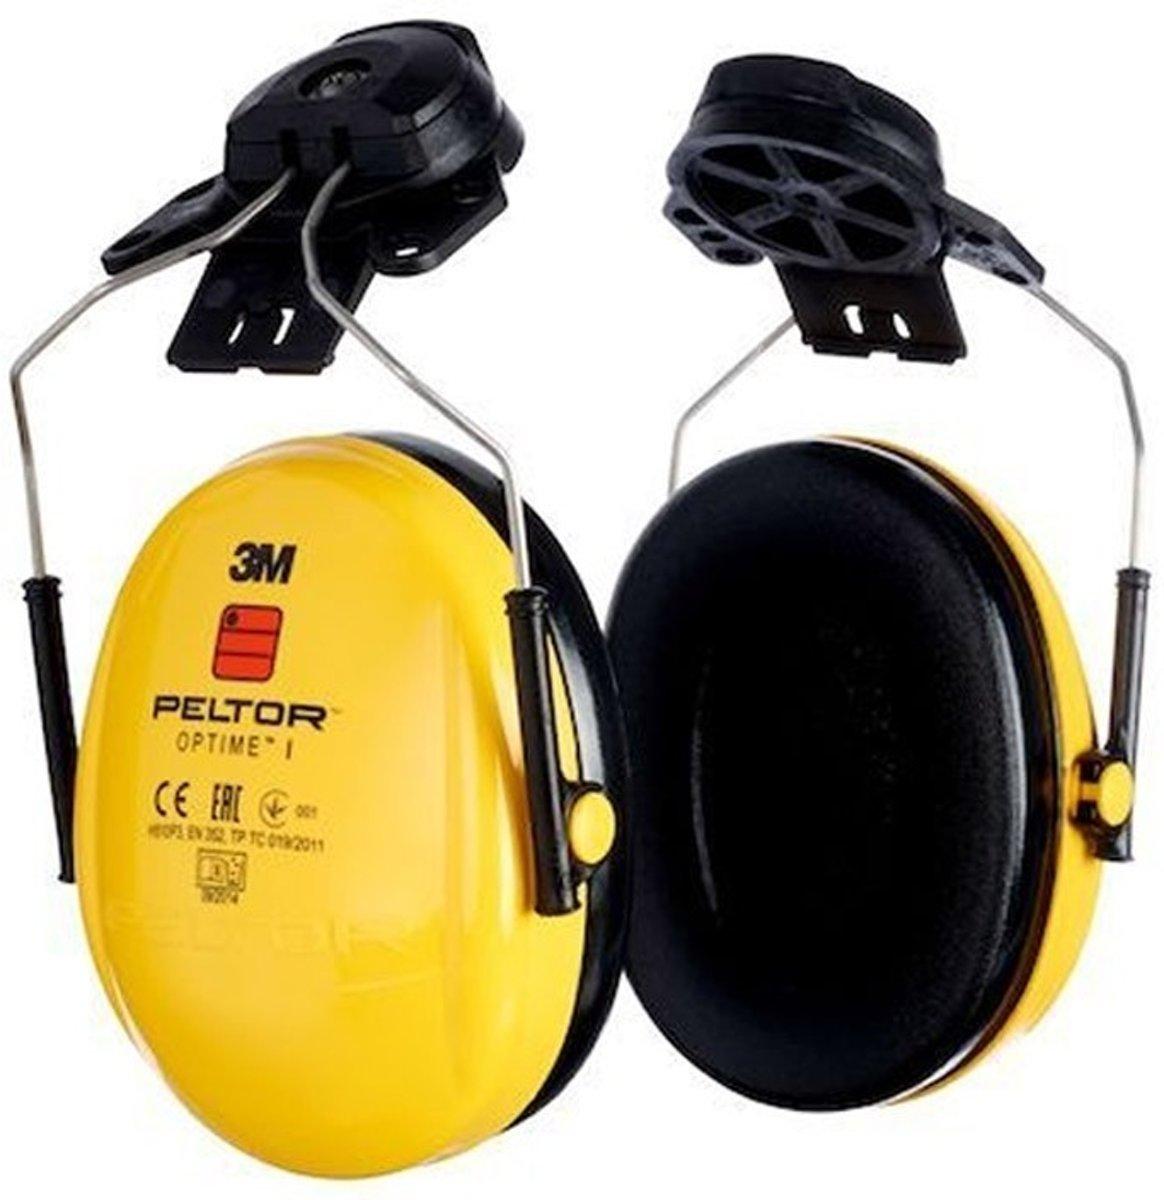 Oorkappen 3M Peltor Optime I H510B, helmuitvoering kopen